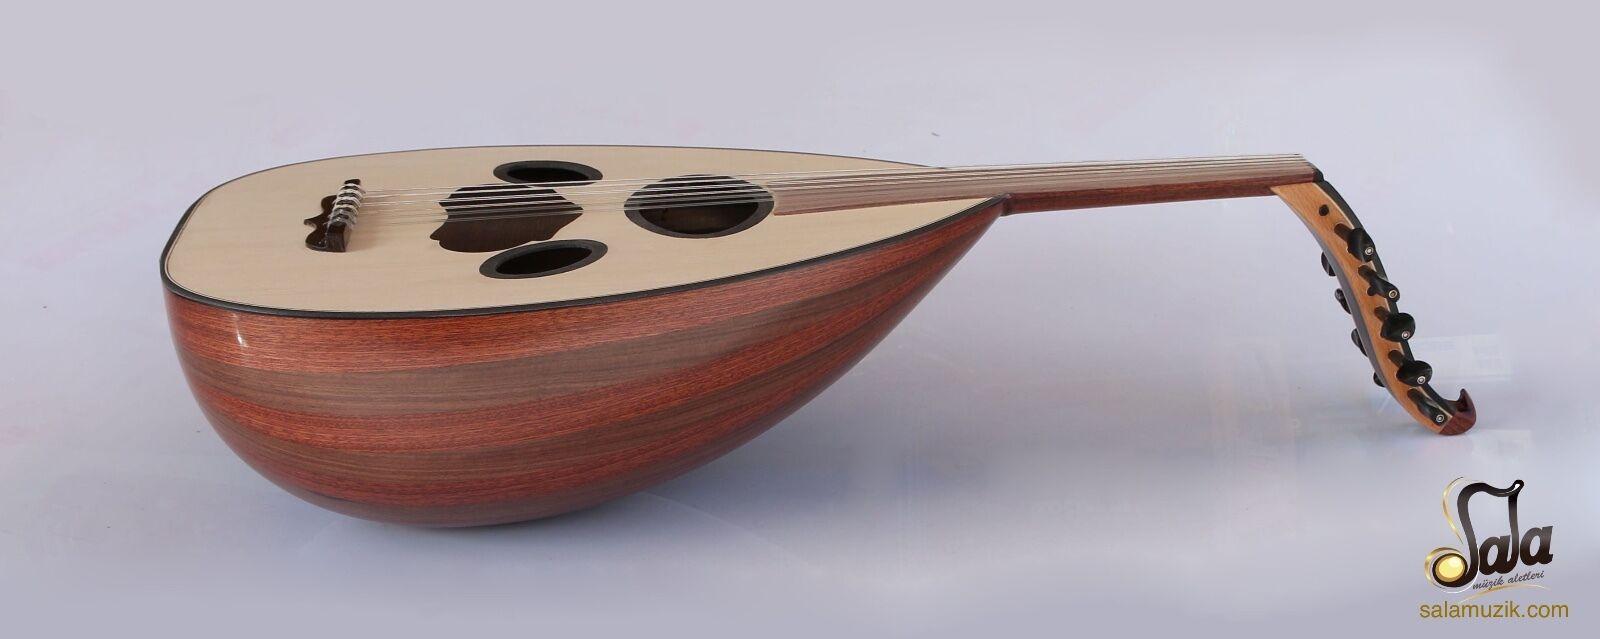 Siria Siria Siria calidad hecha a mano de Nogal Y Caoba Instrumento De Cuerdas Oud Ud ASO-104M dcac07